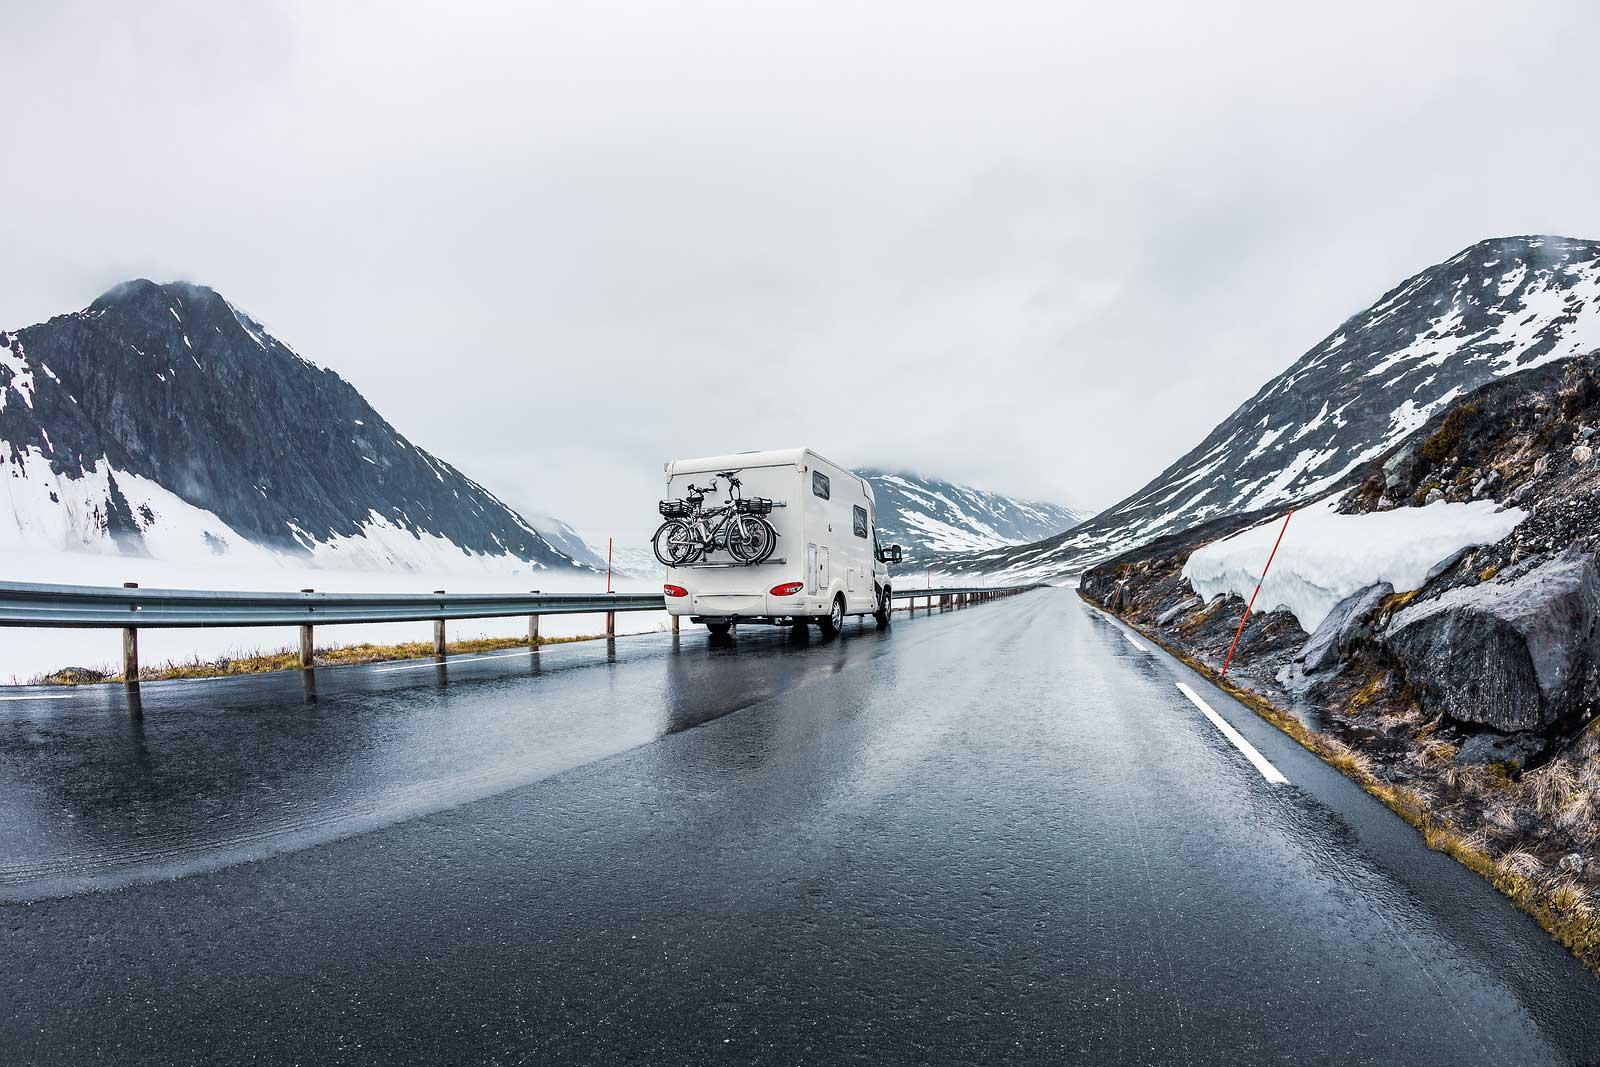 Obtenga nuestros mejores consejos para almacenar su RV para el invierno